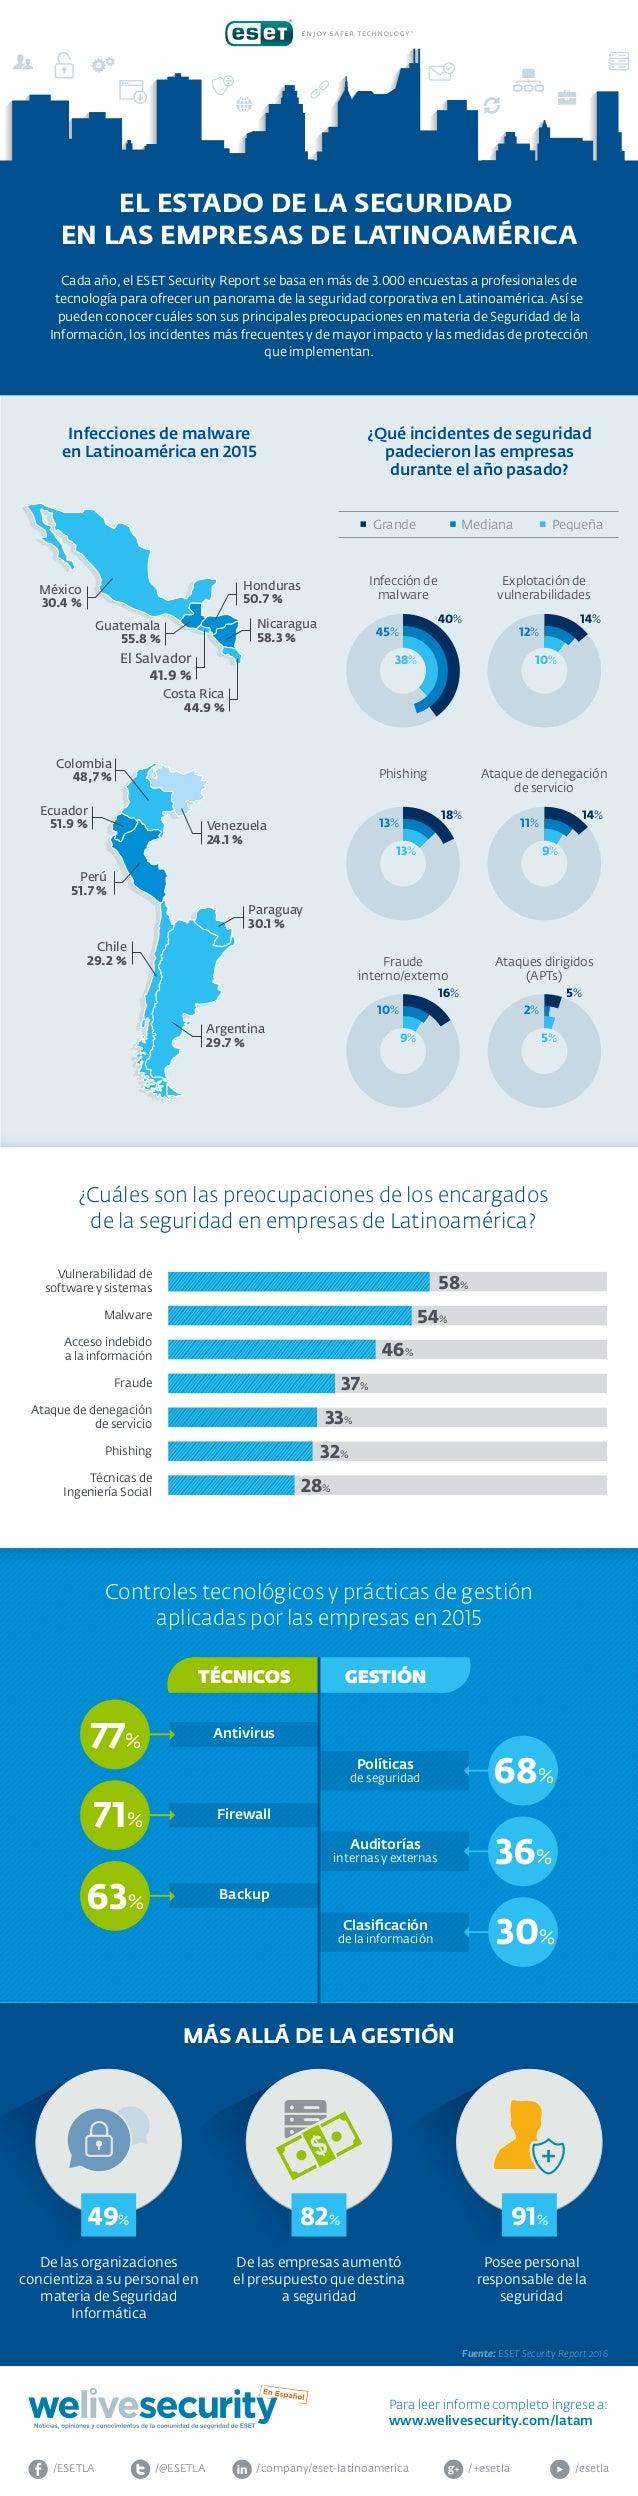 /company/eset-latinoamerica/@ESETLA/ESETLA /esetla/+esetla www.welivesecurity.com/latam Para leer informe completo ingrese...